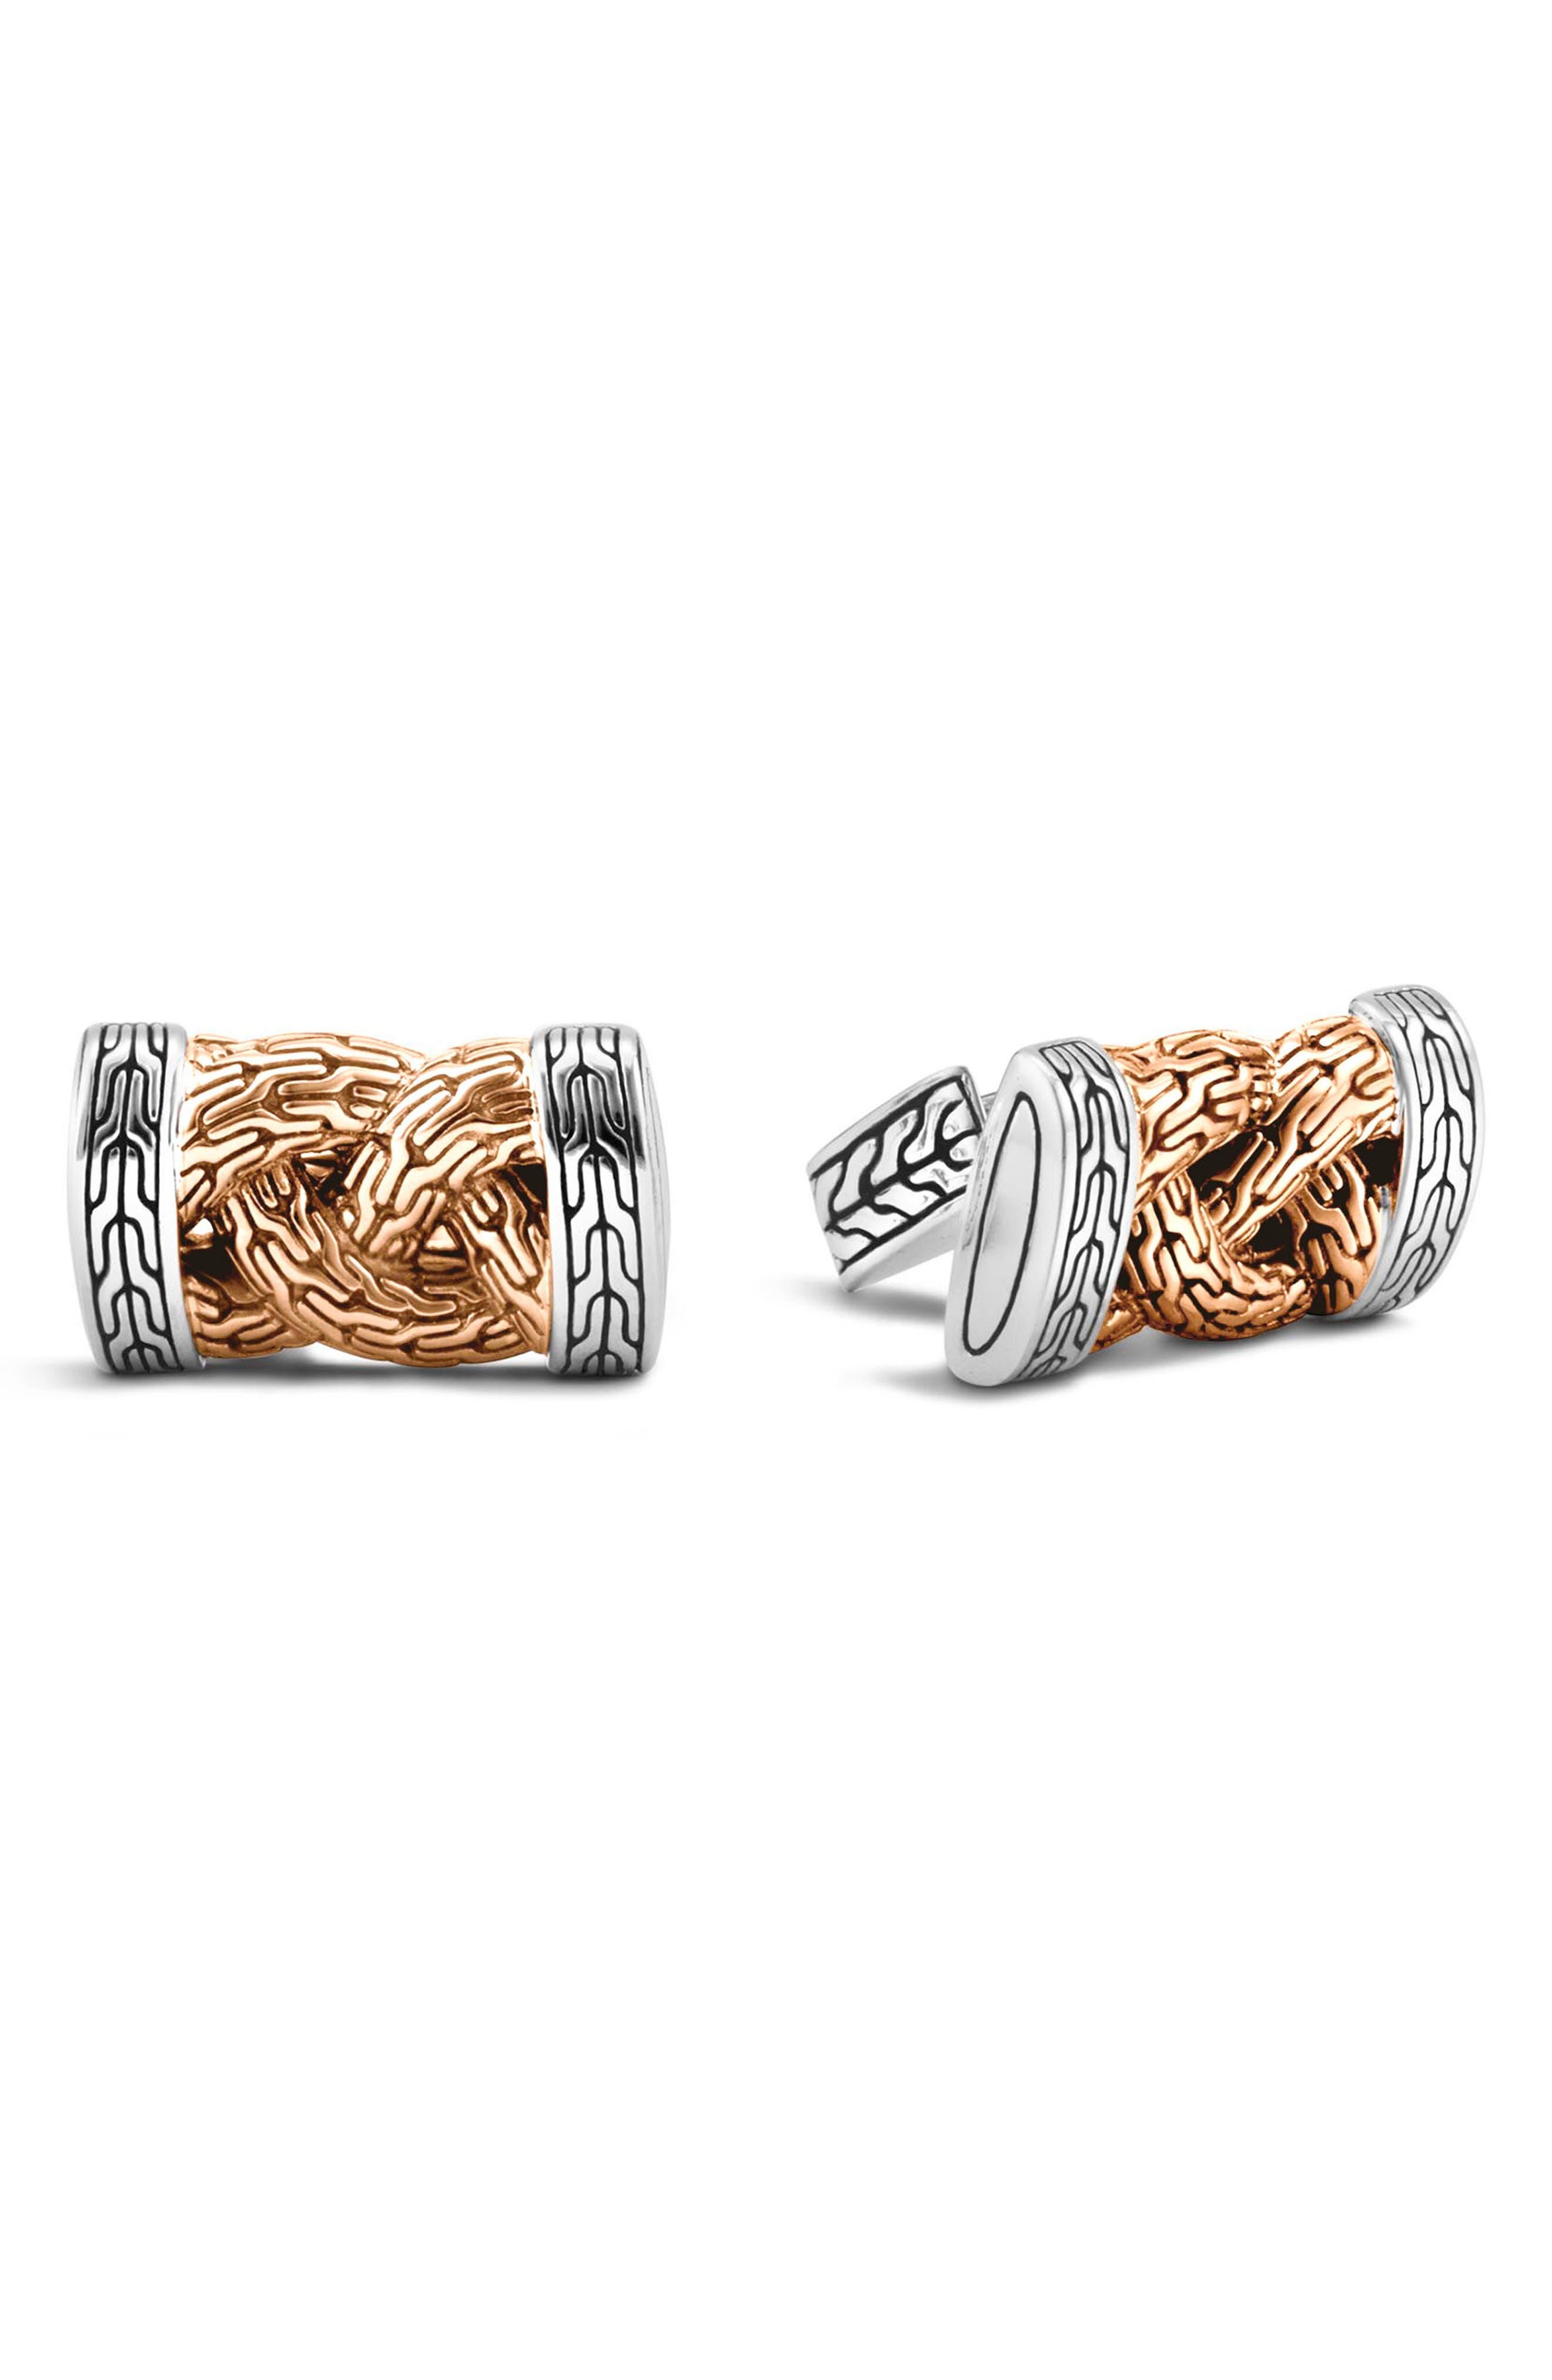 Silver & Bronze Cuff Links,                         Main,                         color, Silver